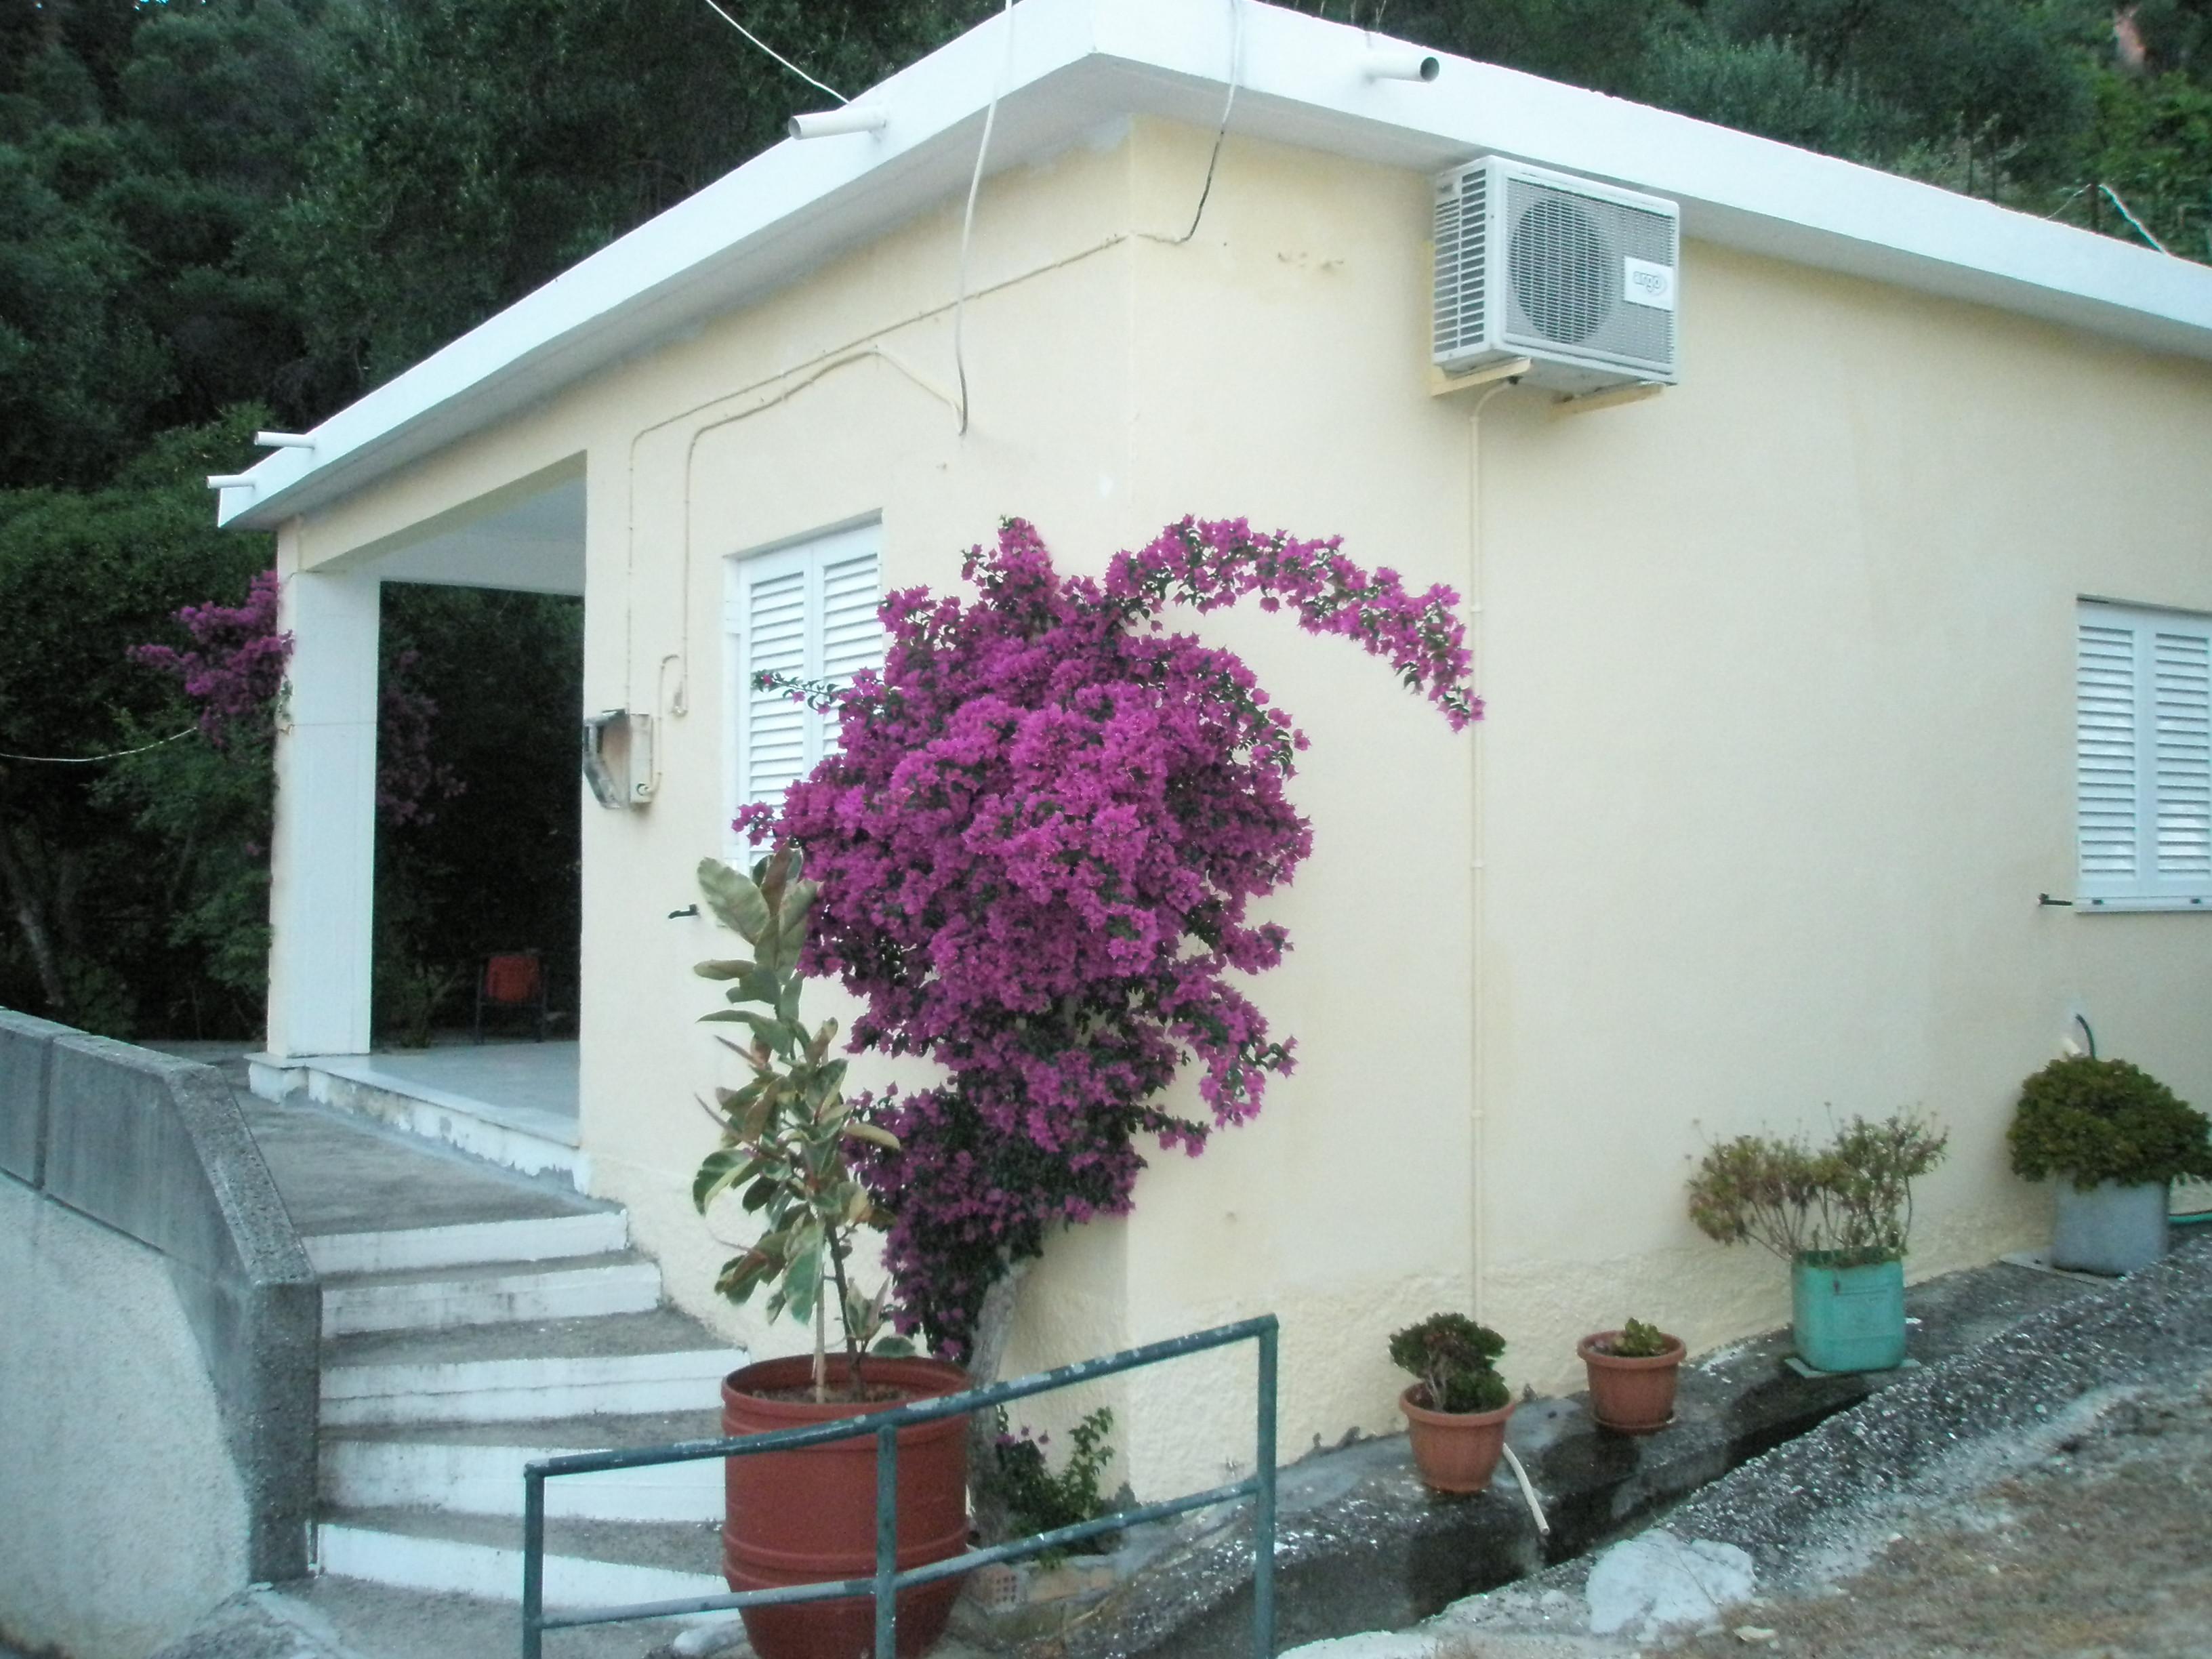 Maison de vacances Entspannte Ferien ein paar Schritte vom Meer entfernt und mit einem Gefhl der Privatsphre (2378713), Moraitika, Corfou, Iles Ioniennes, Grèce, image 5